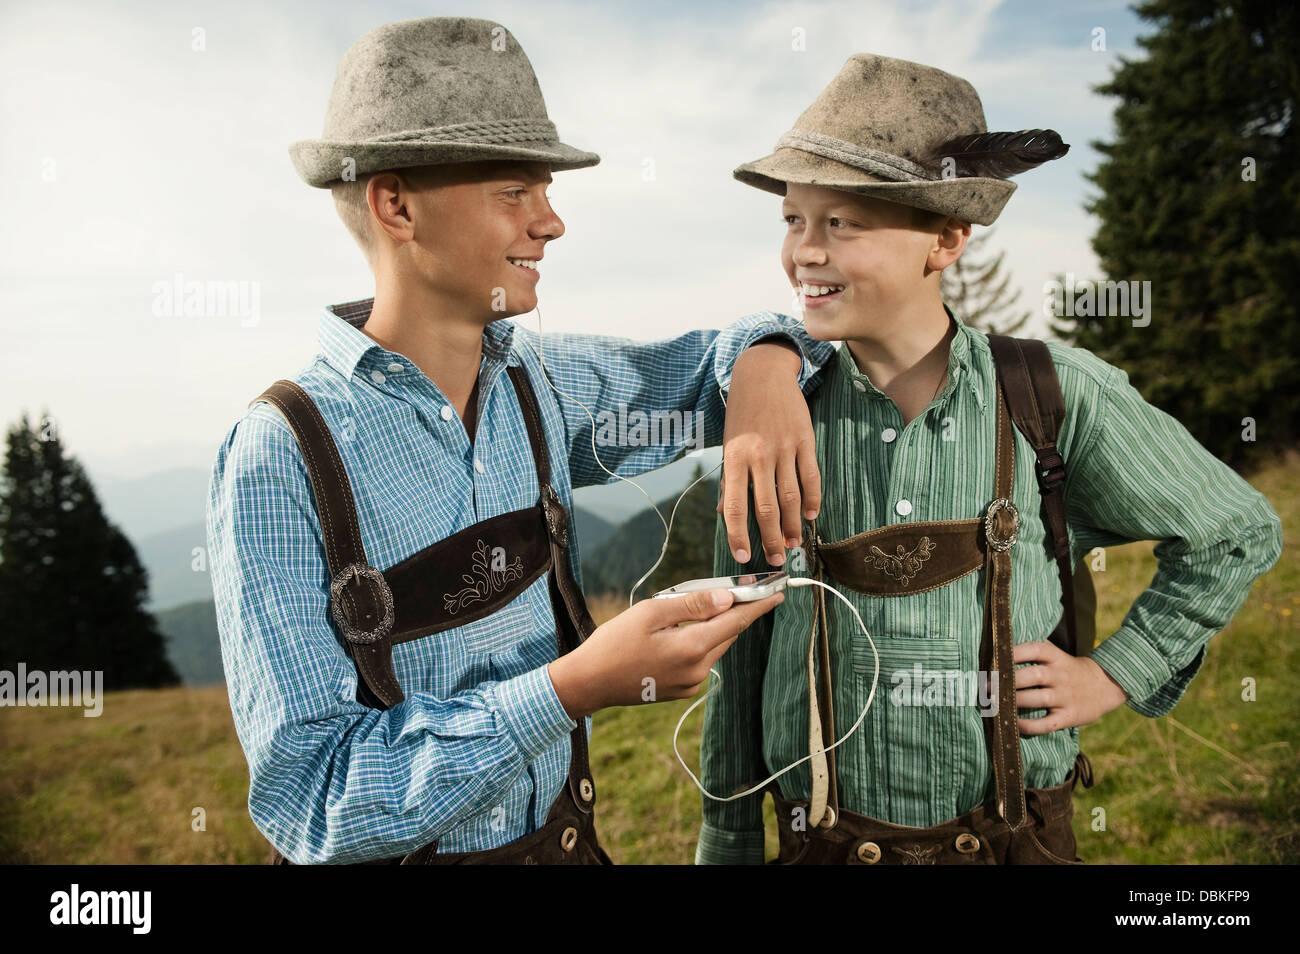 In Germania, in Baviera, due ragazzi in abbigliamento tradizionale utilizzando smart phone Immagini Stock